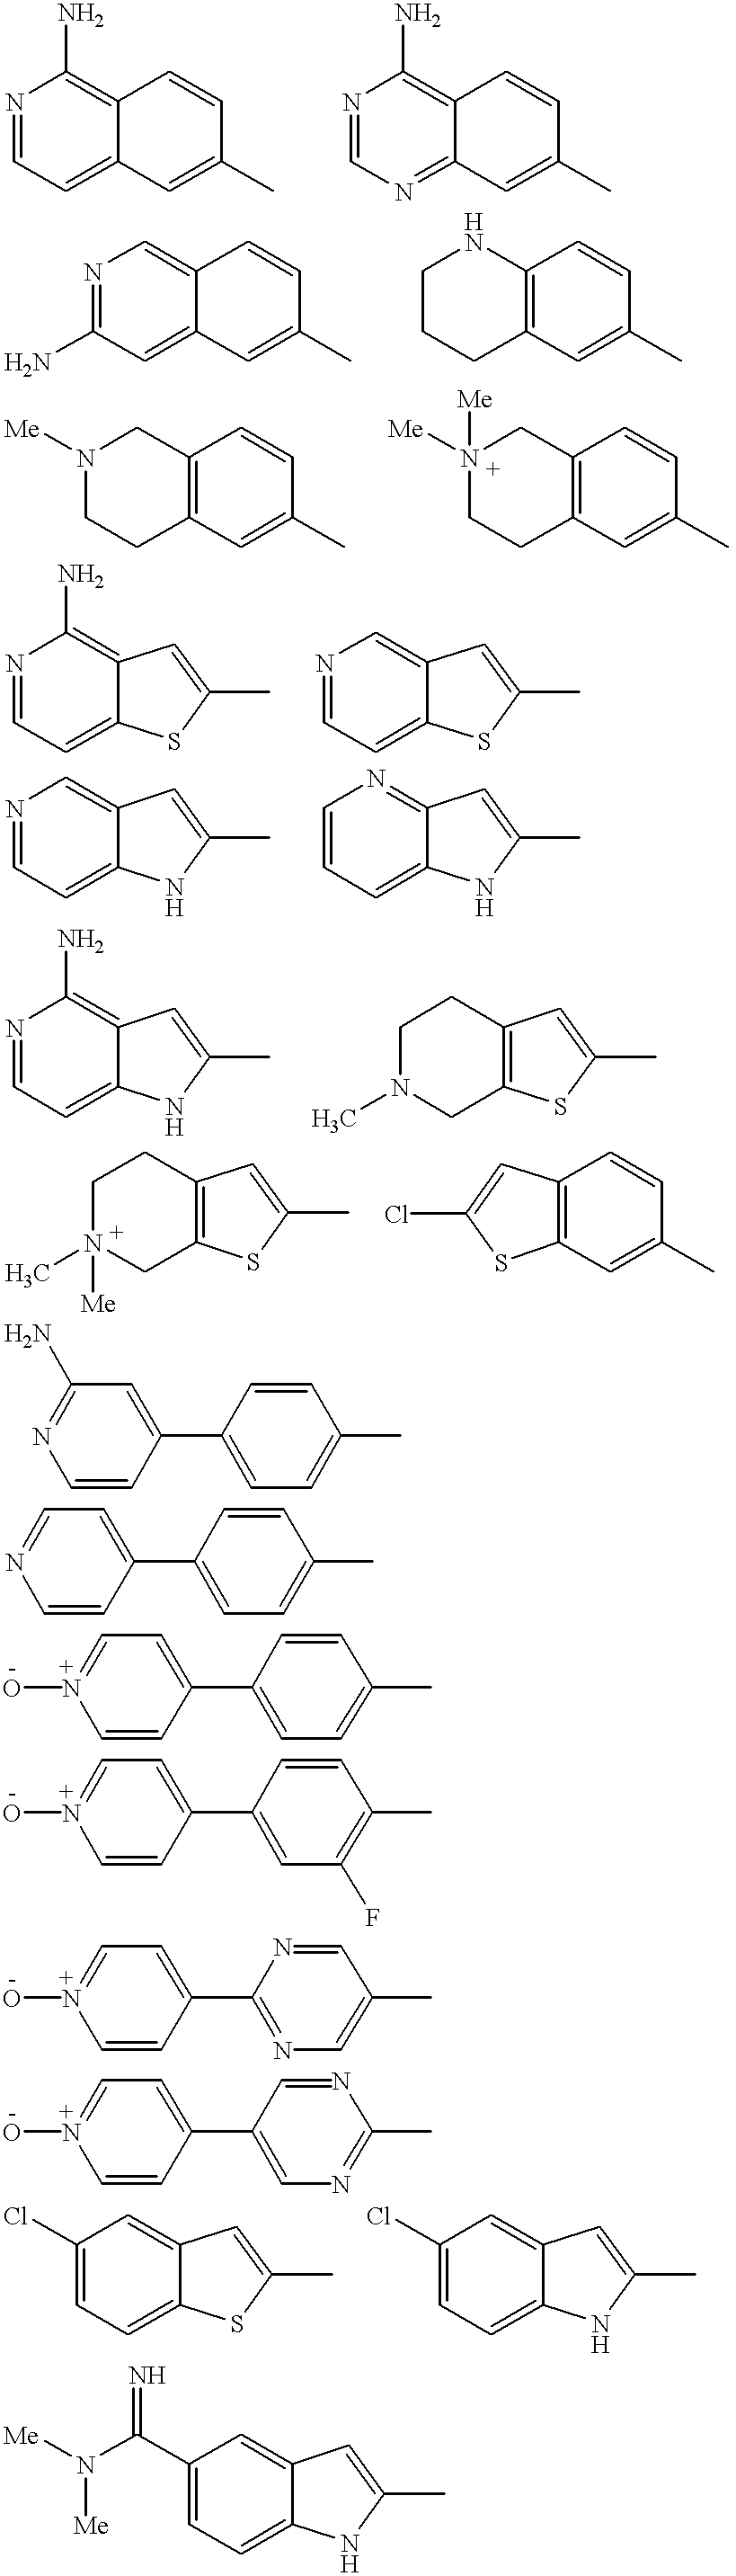 Figure US06376515-20020423-C00119